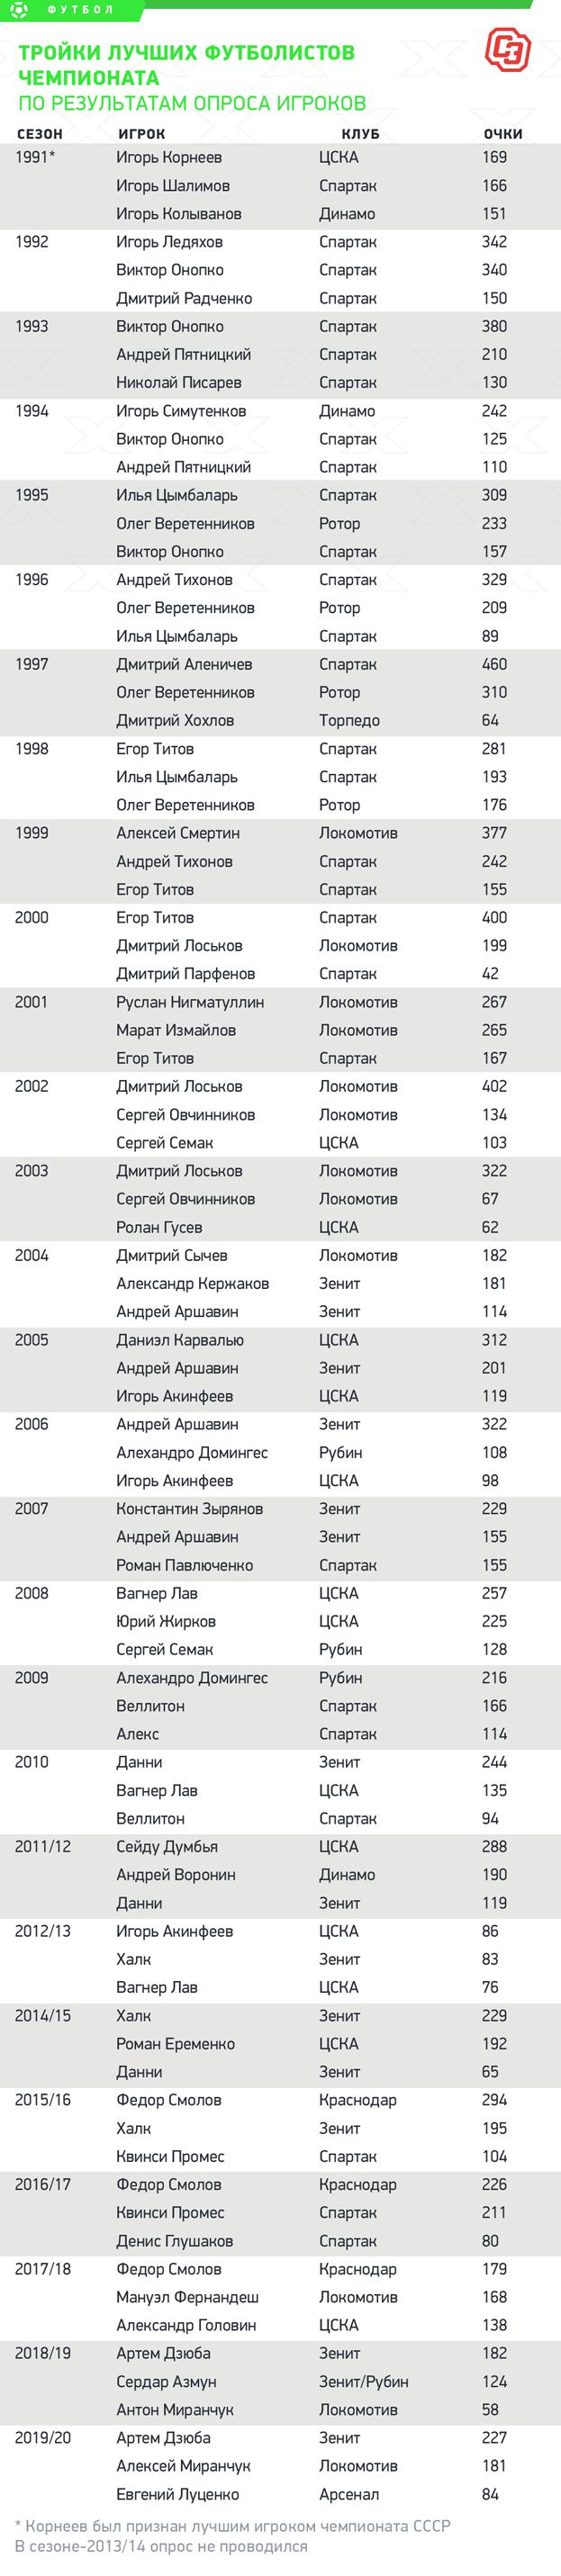 Тройки лучших футболистов чемпионата порезультатам опроса игроков. Фото «СЭ»